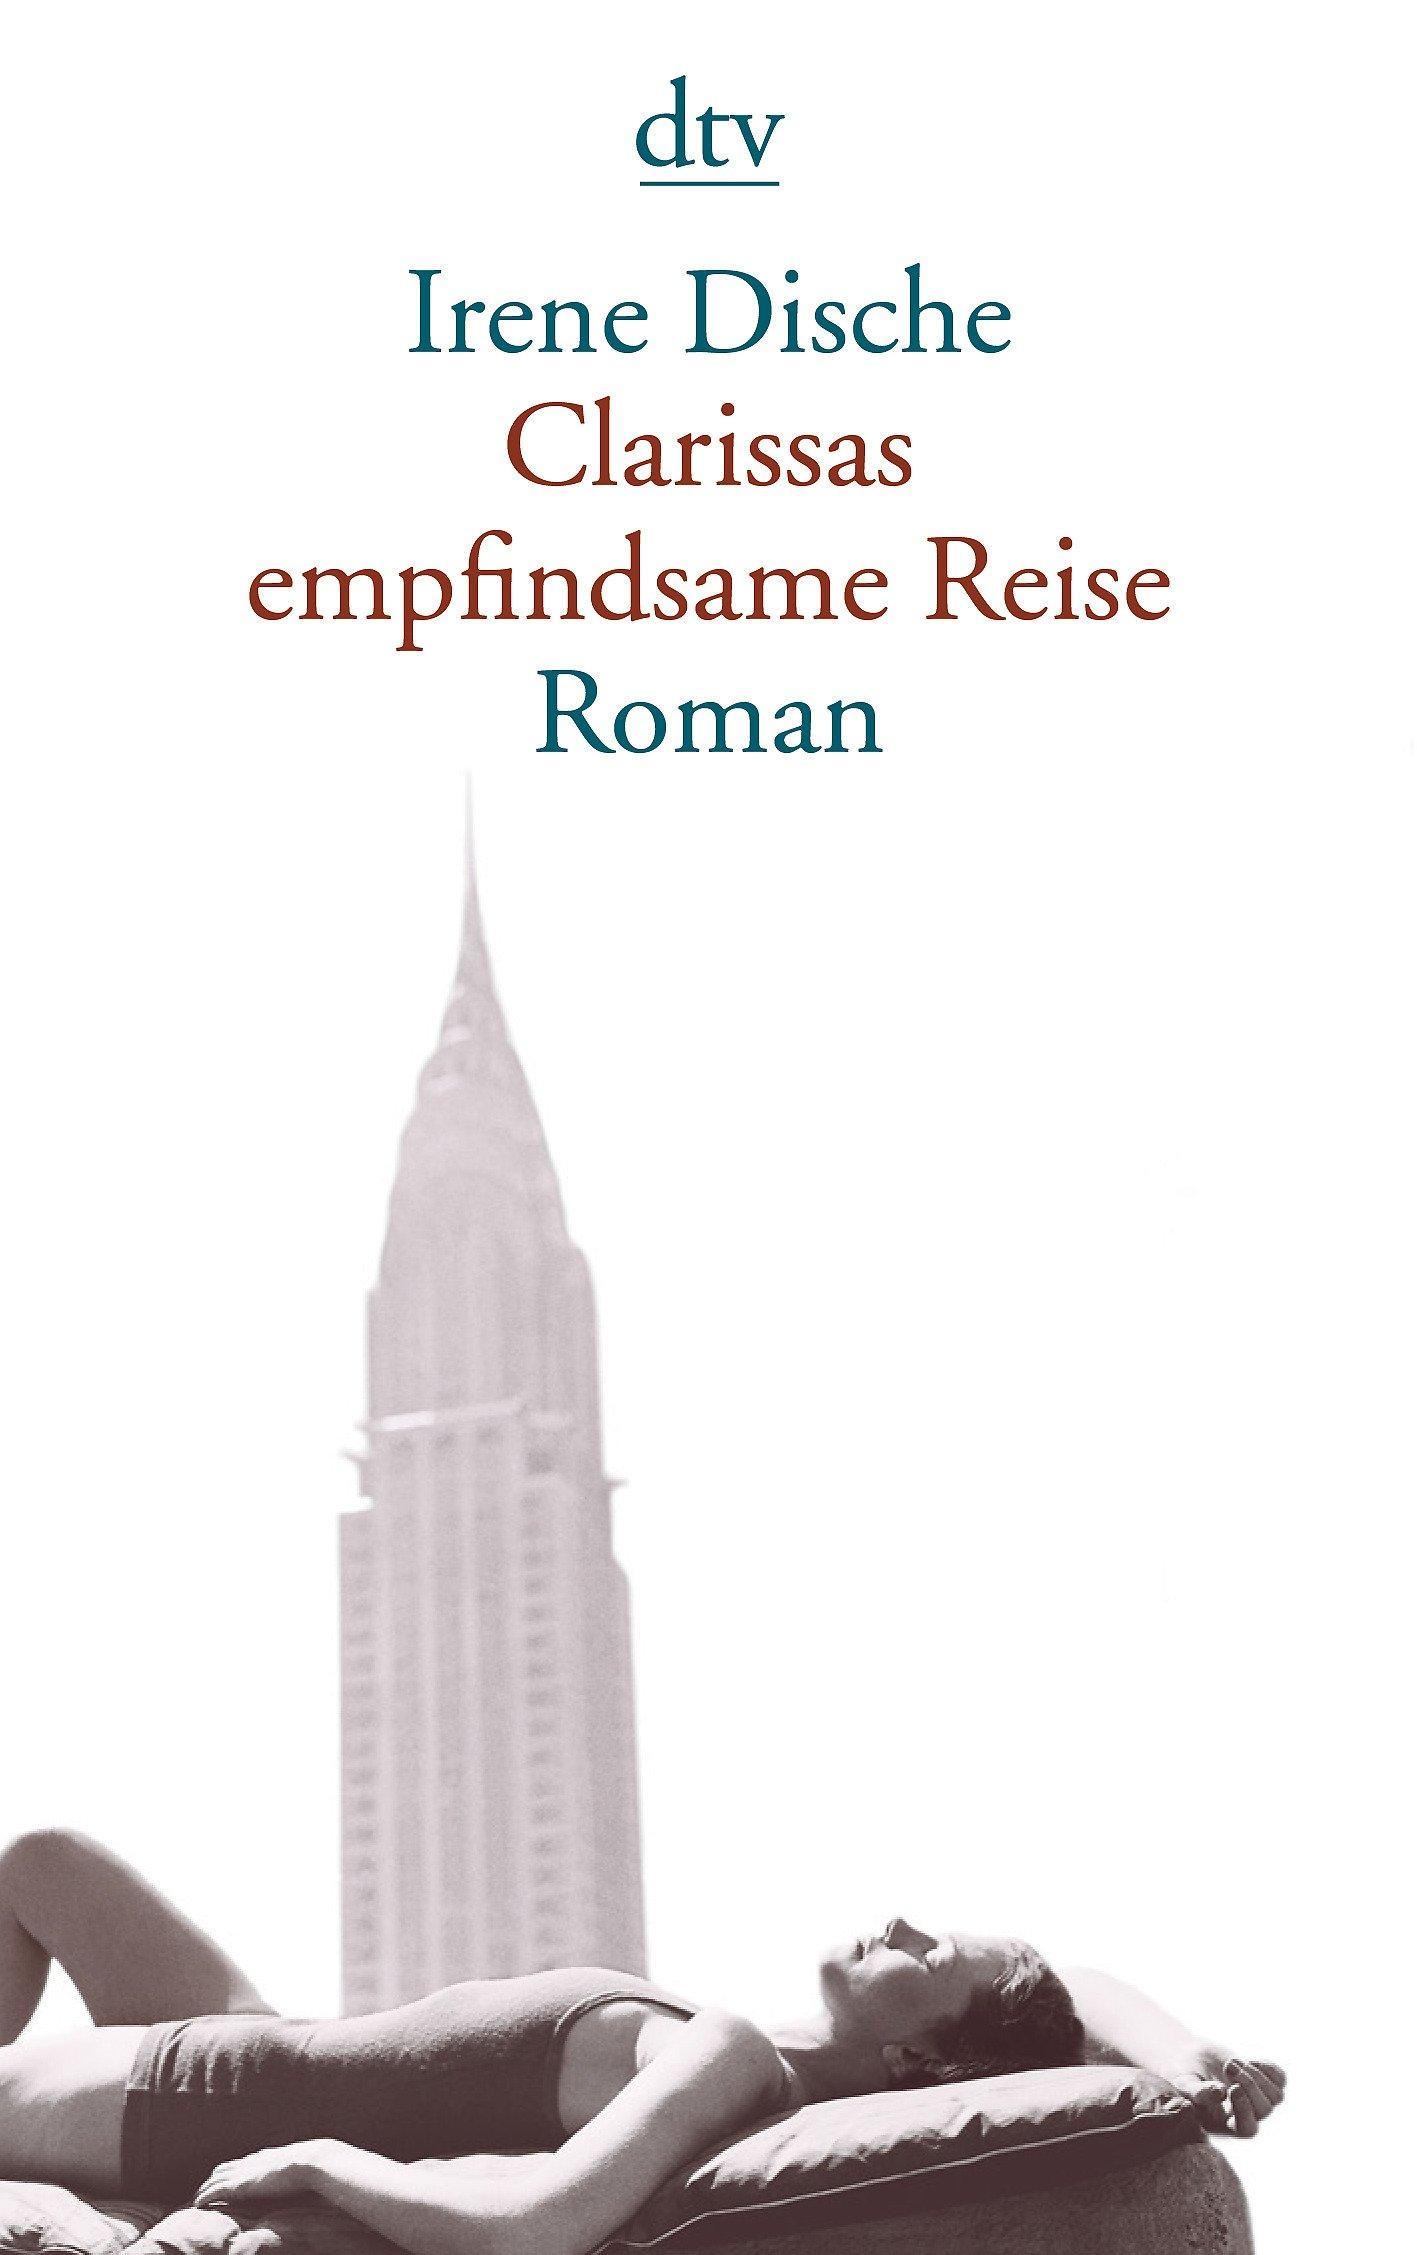 Clarissas empfindsame Reise: Roman